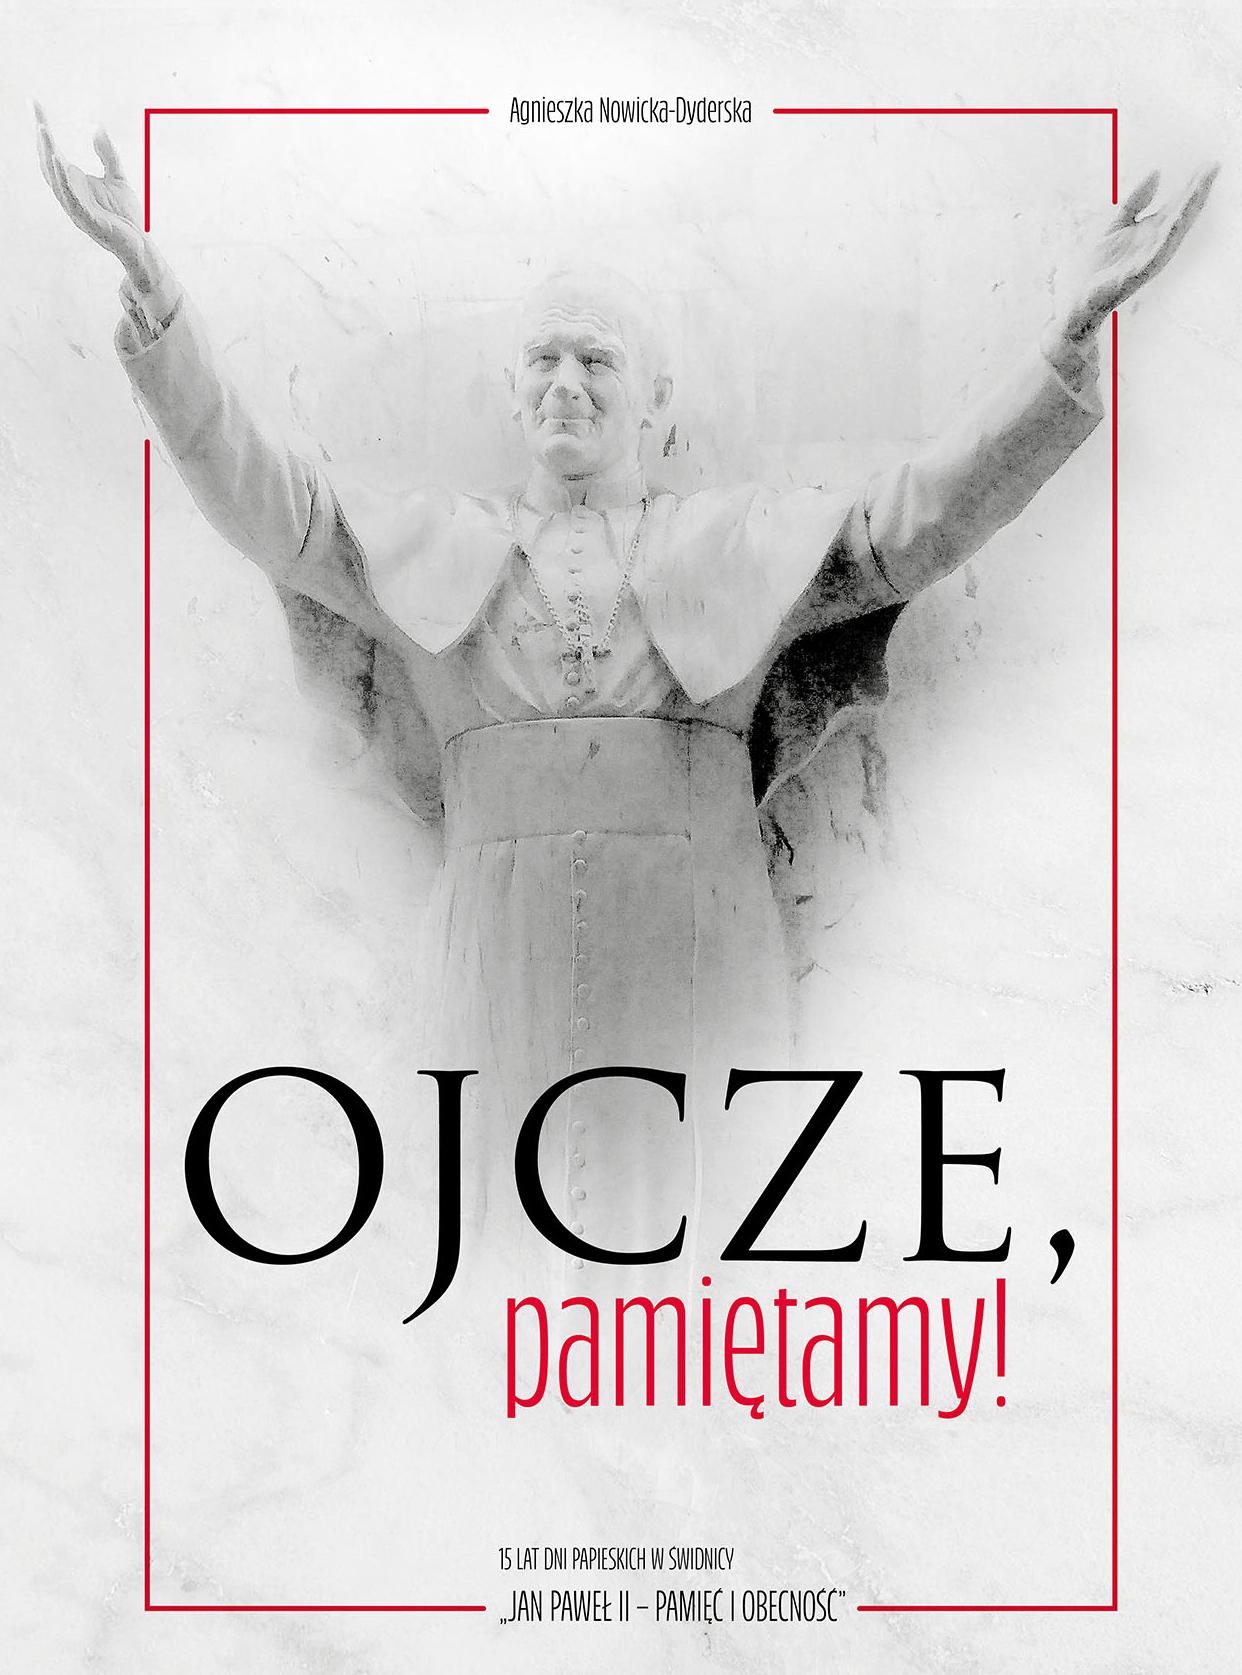 okładka książki z Janem Pawłem II - jego postać w szarościach, rozświetlona